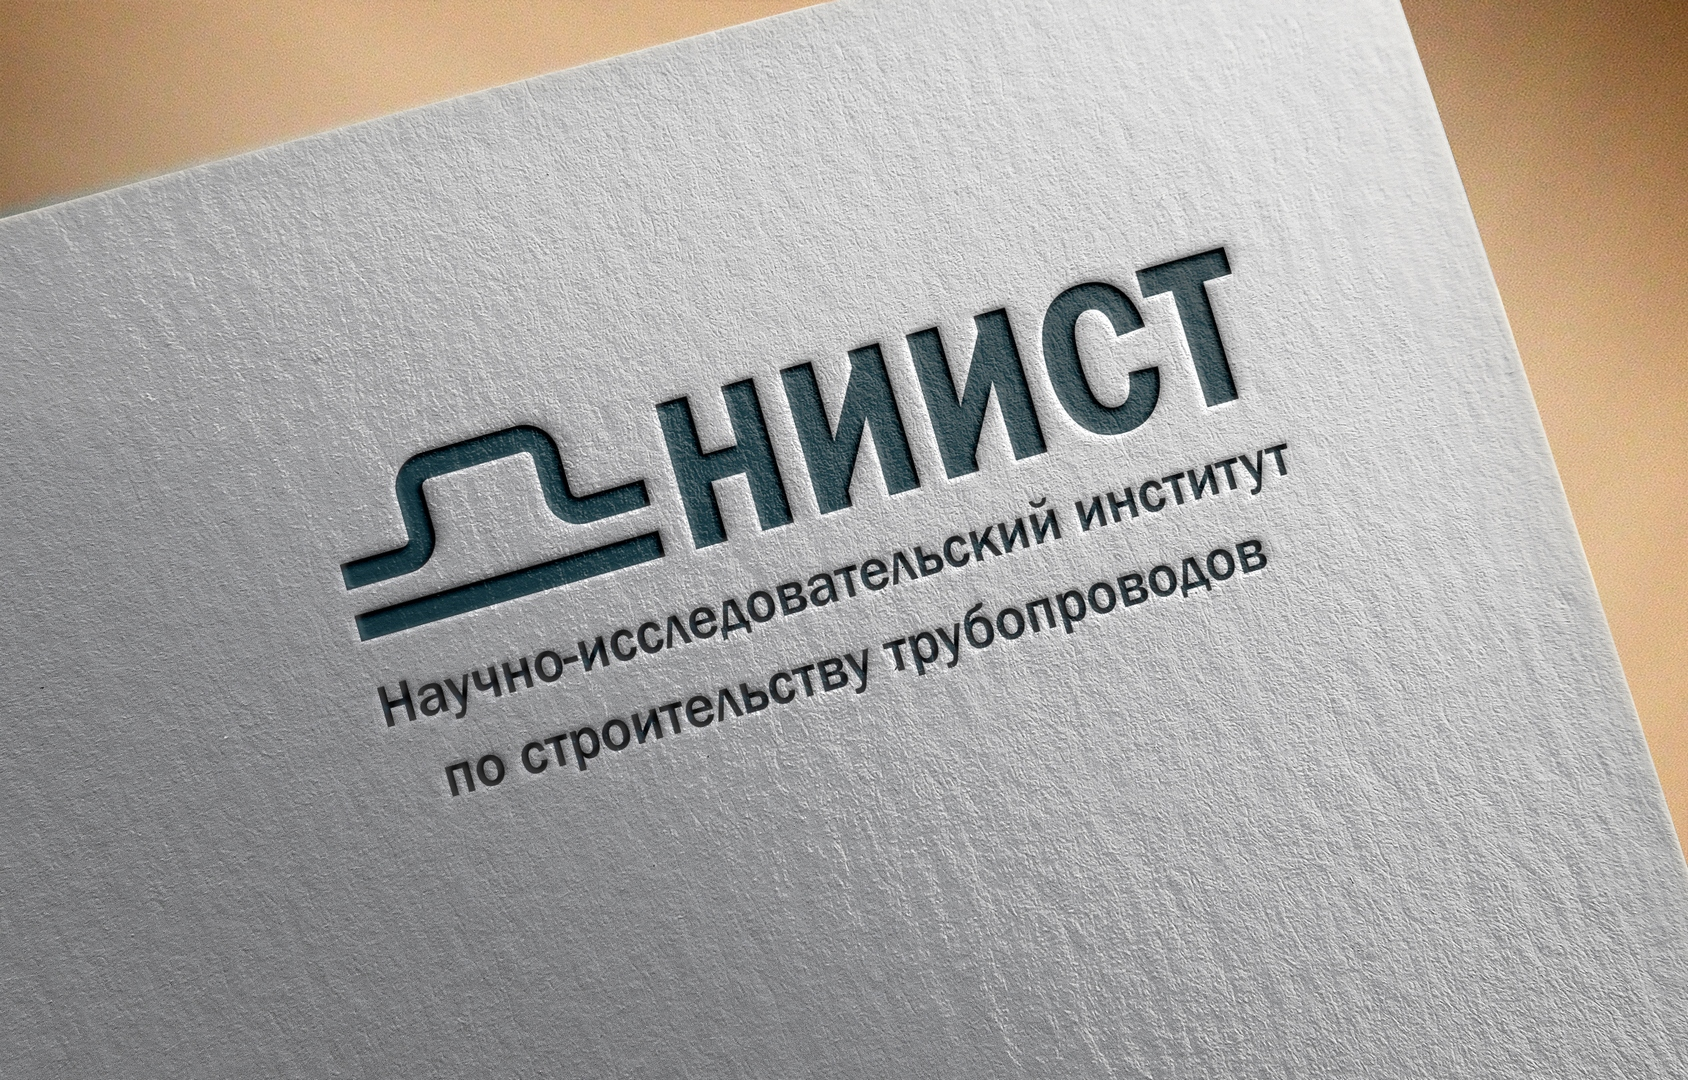 Разработка логотипа фото f_7265b9e0071da23d.jpg